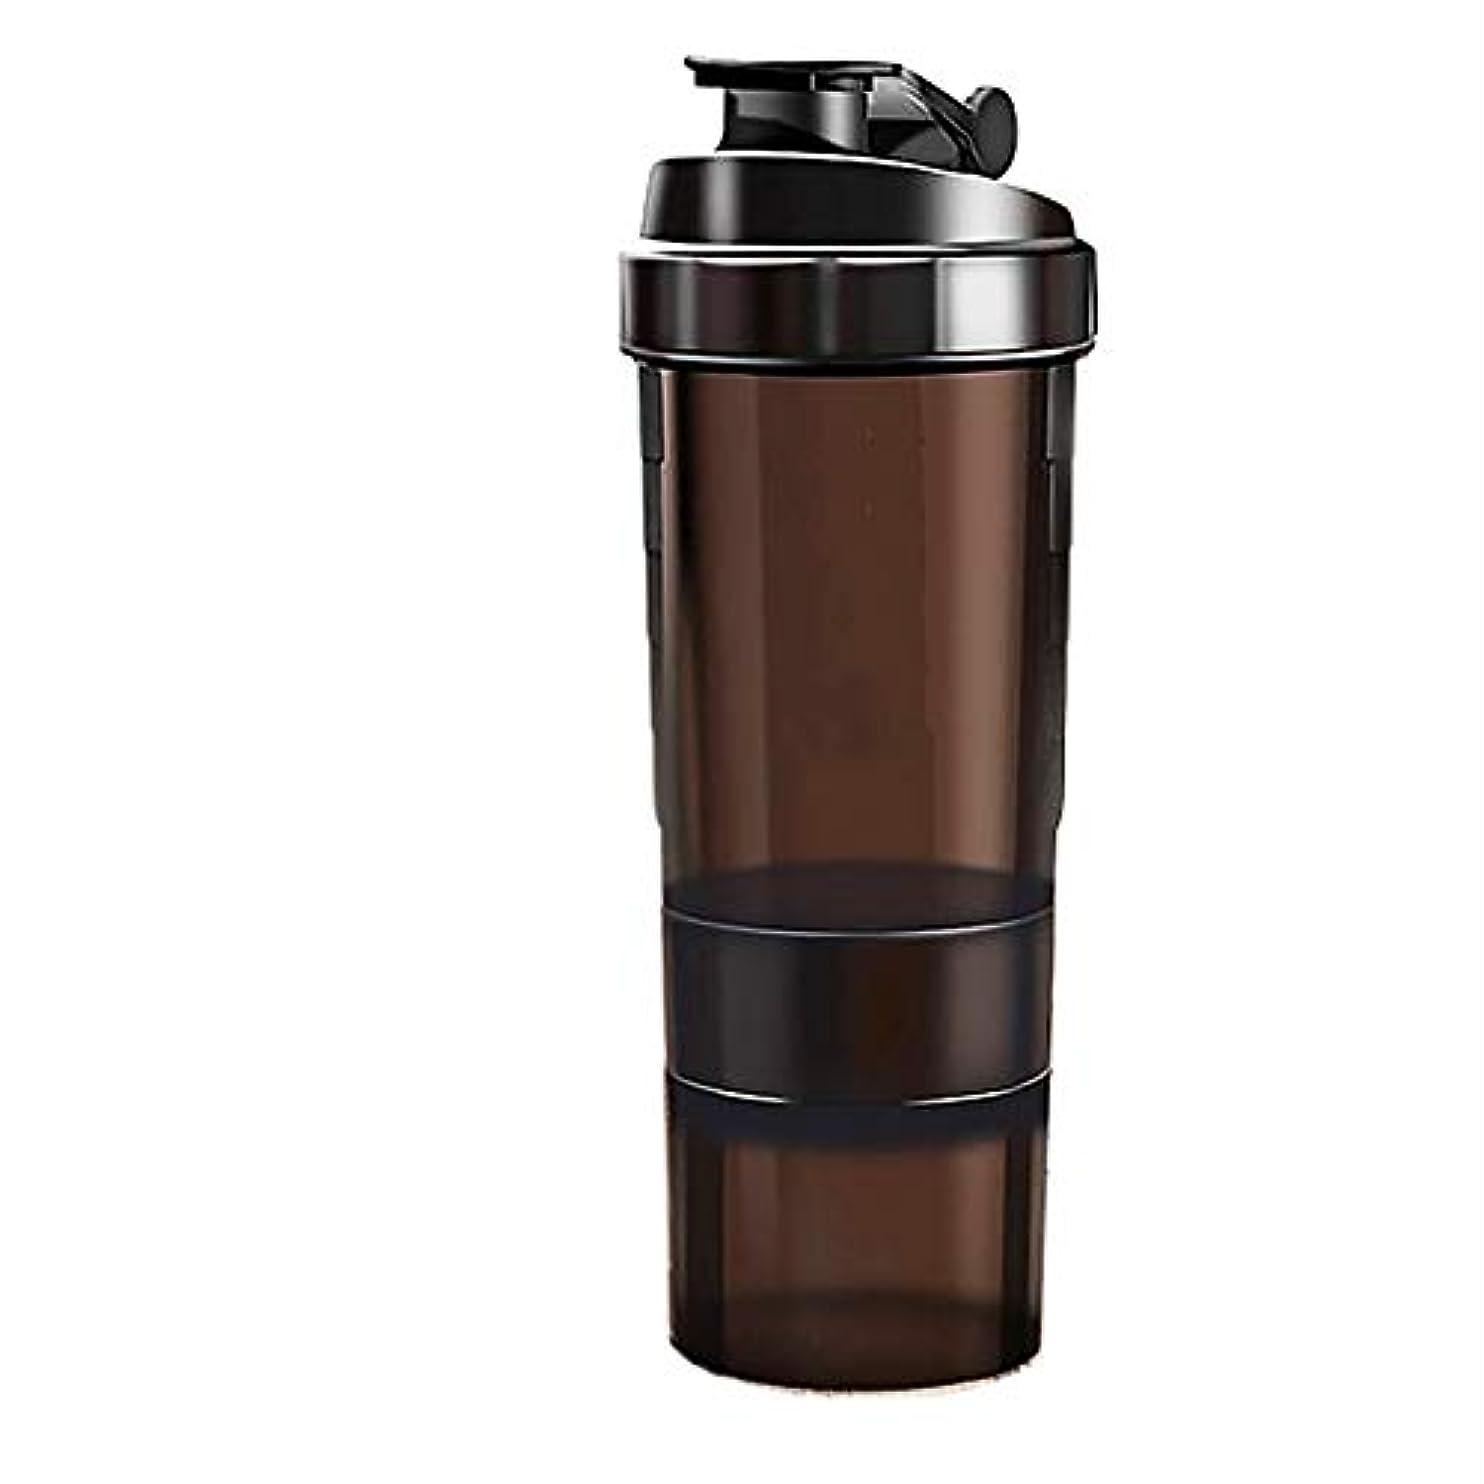 避難する誇りに思う有名人ミルクセーキ シェイクカップフ[ 最新デザイン ] 多層タンパク質粉末 シェイクカップフ ィット ネススポーツウォーターボトル 旋風やかんミルク スケールティーカップ(ブラック)